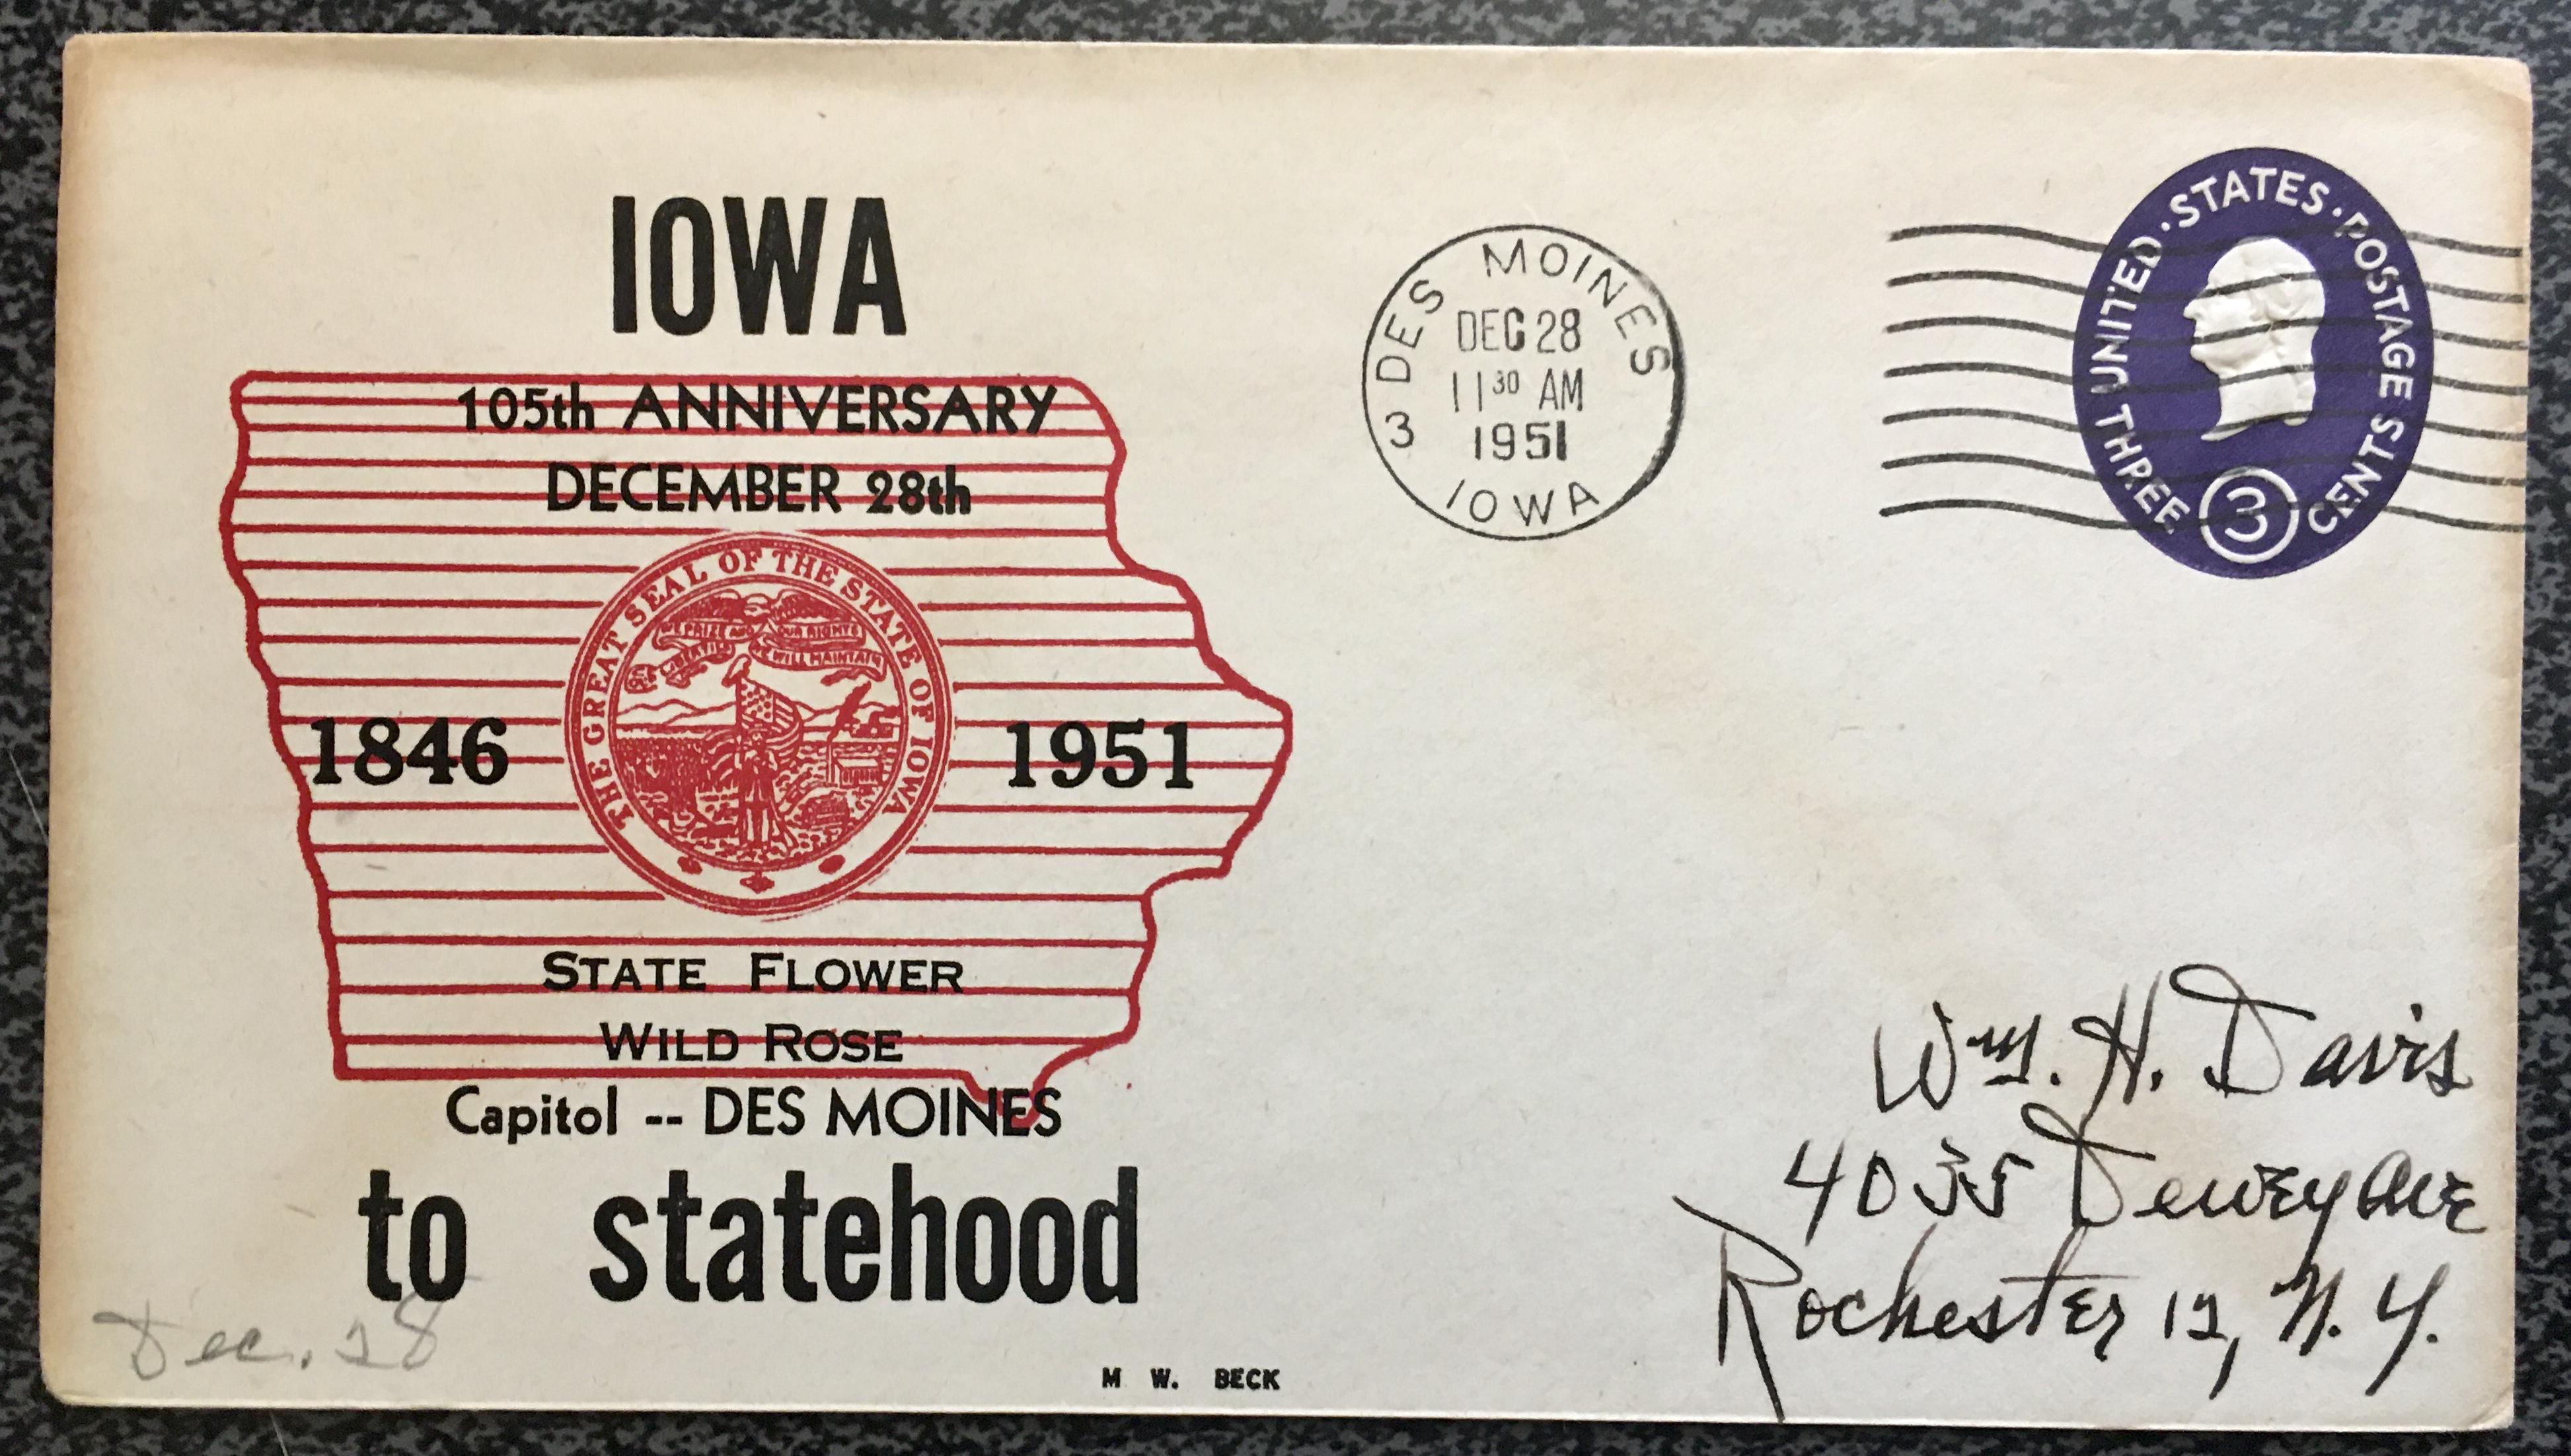 u540-1951statehood